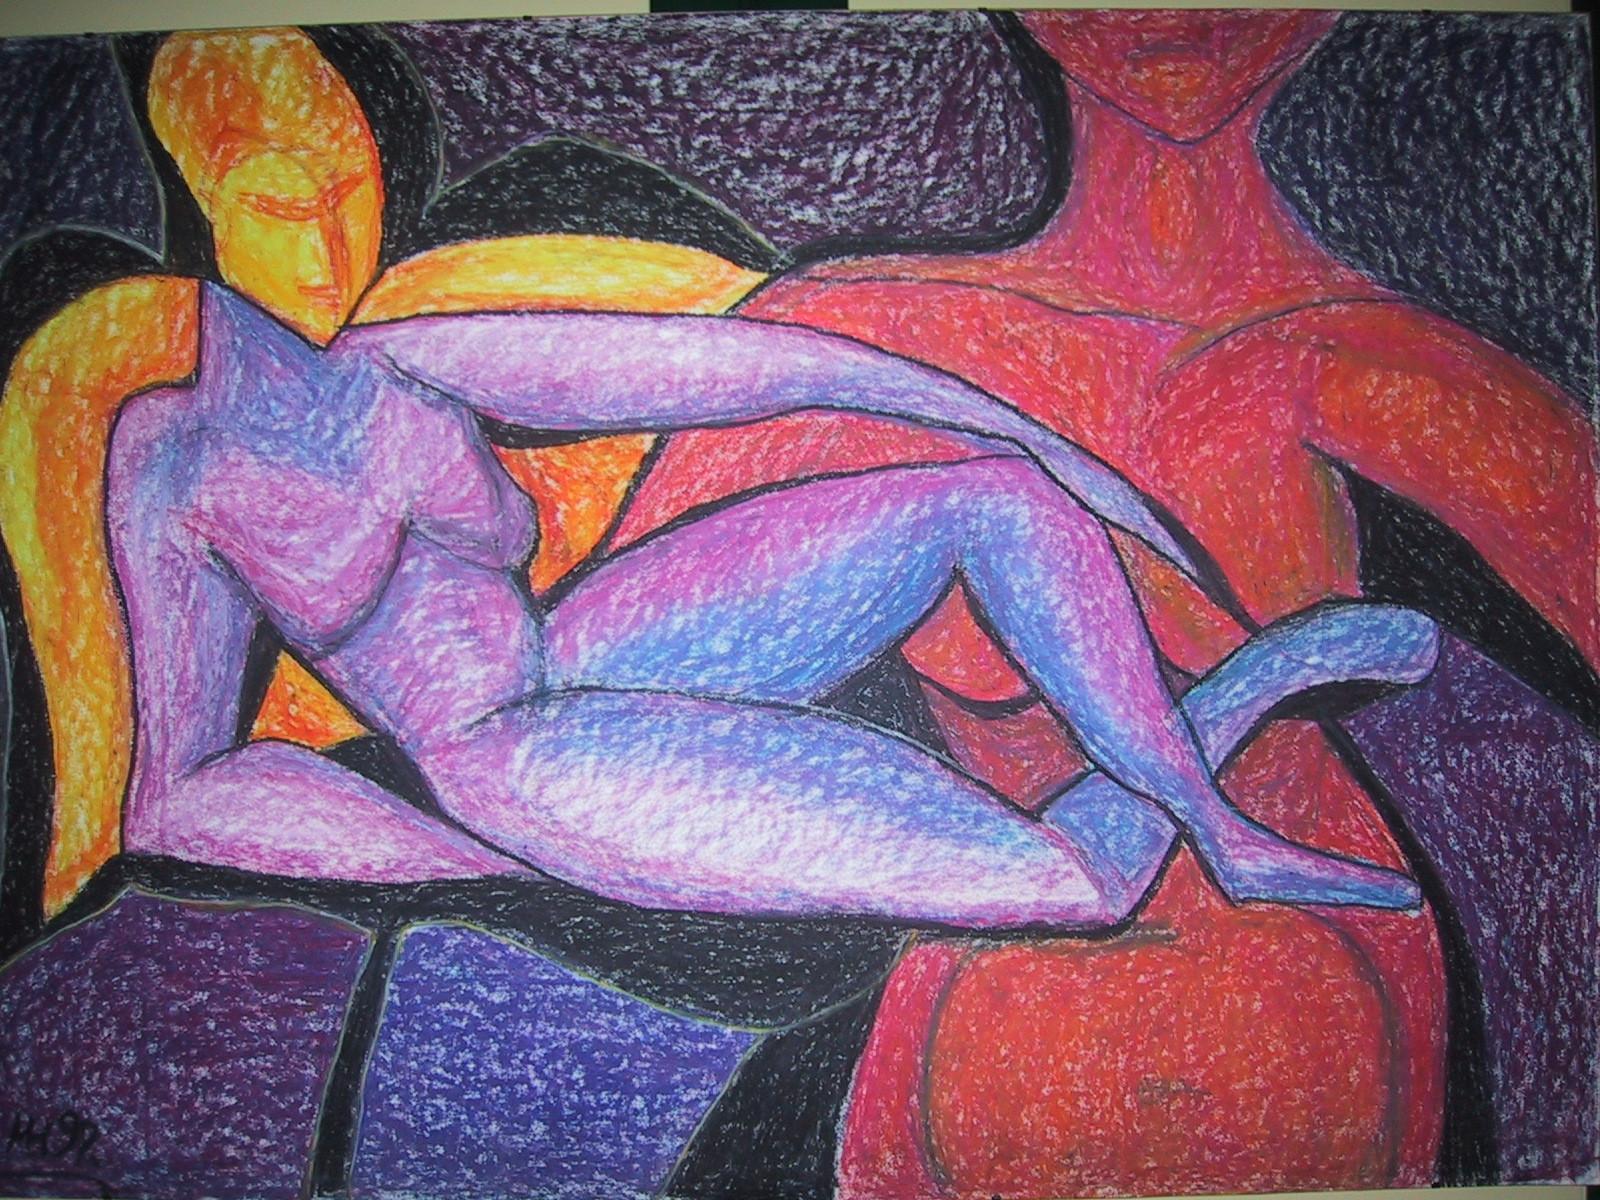 Aufgerichtet, 1999, Wachskreide/Karton, 100 x 70 cm